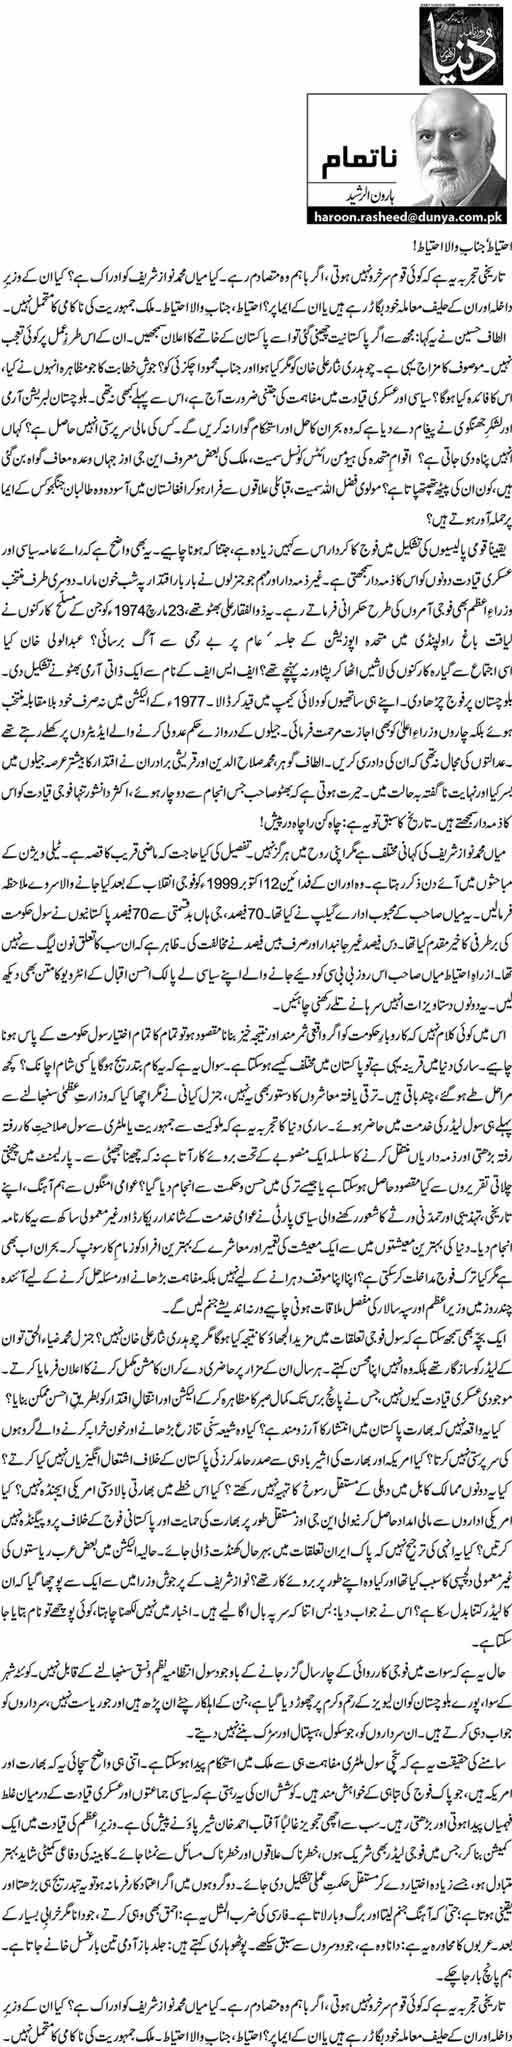 Ihtiat' Janab e Wala Ahtiat! - Haroon-ur-Rasheed